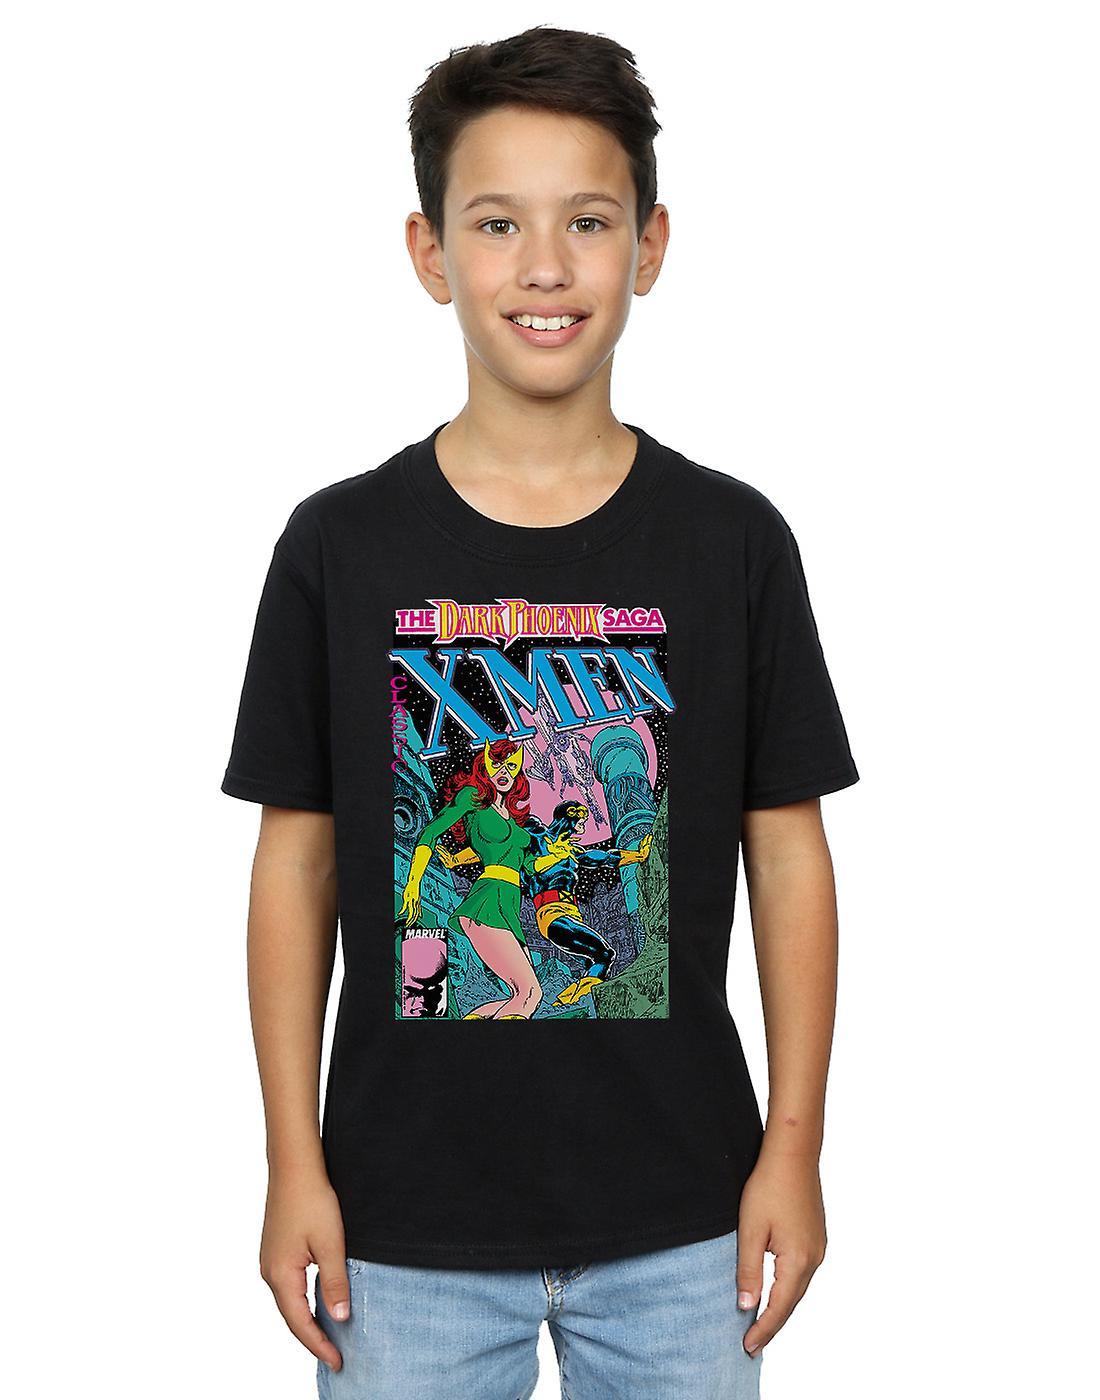 Marvel Boys X-Men The Dark Phoenix Saga T-Shirt